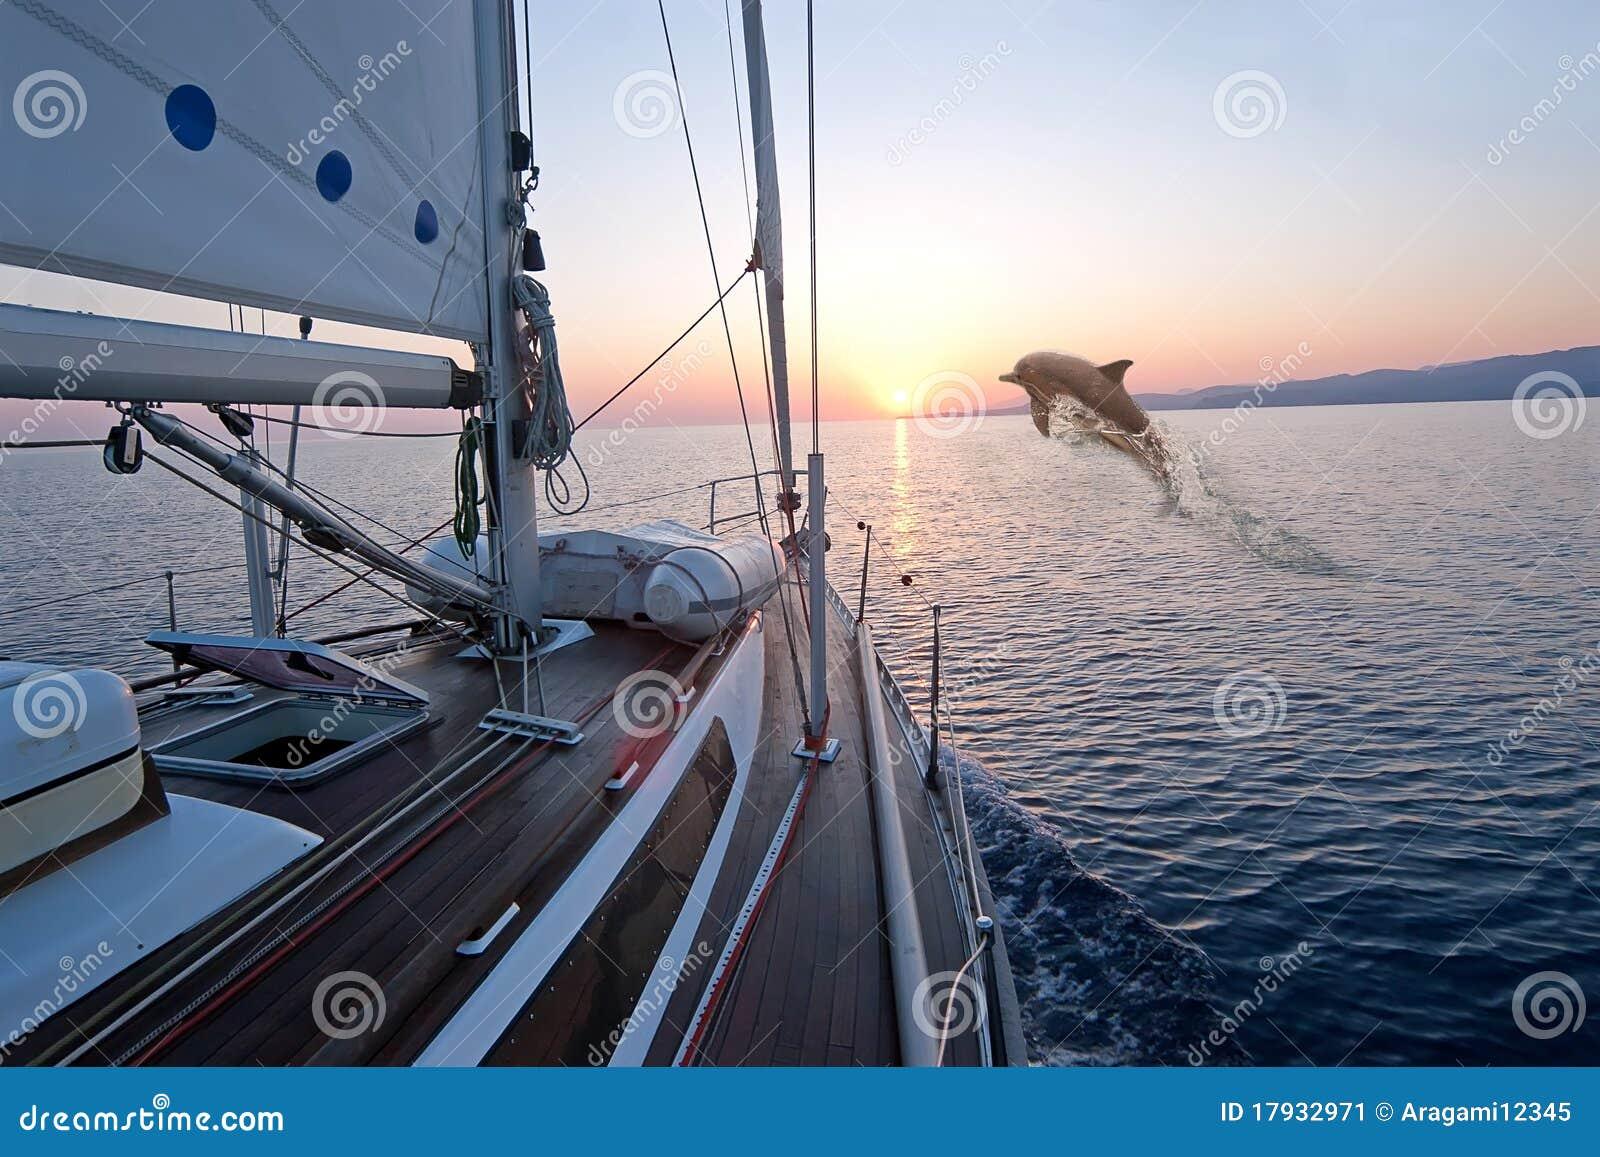 Doplhin jumping near sailing boat